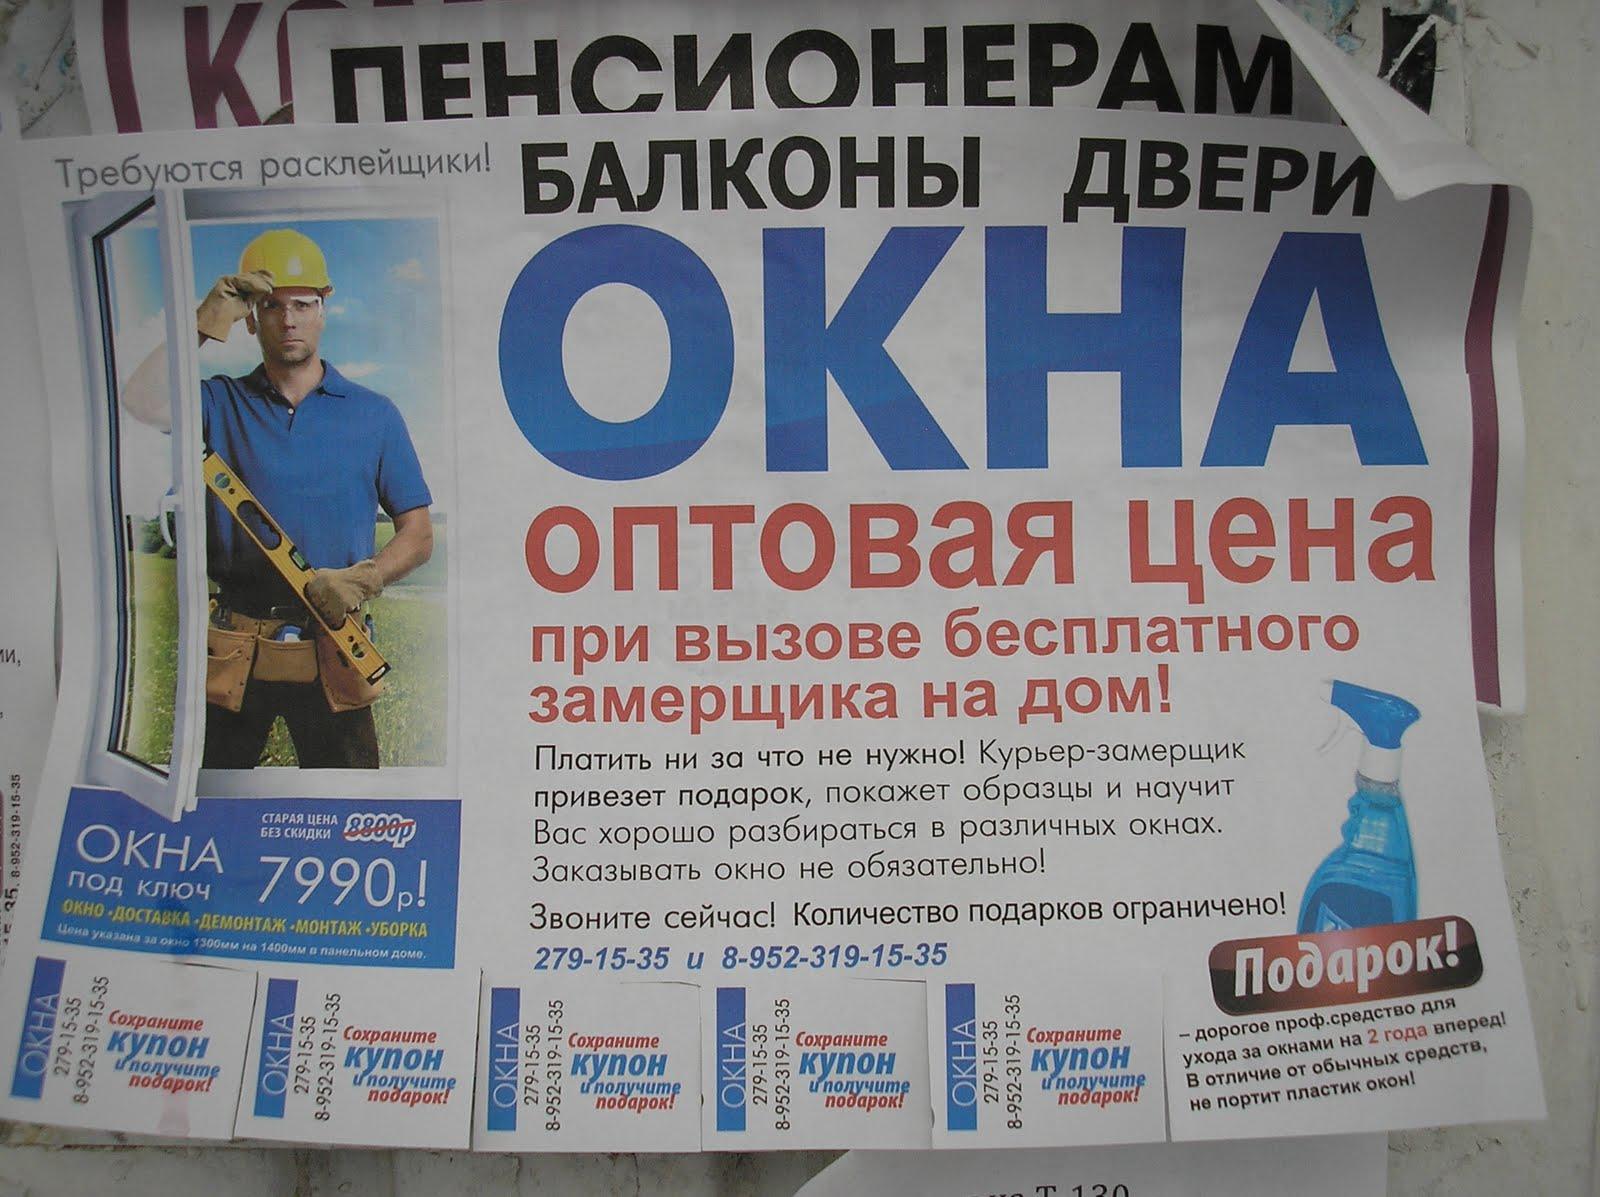 Где публикуют объявления о реорганизации зао в санкт-петербурге